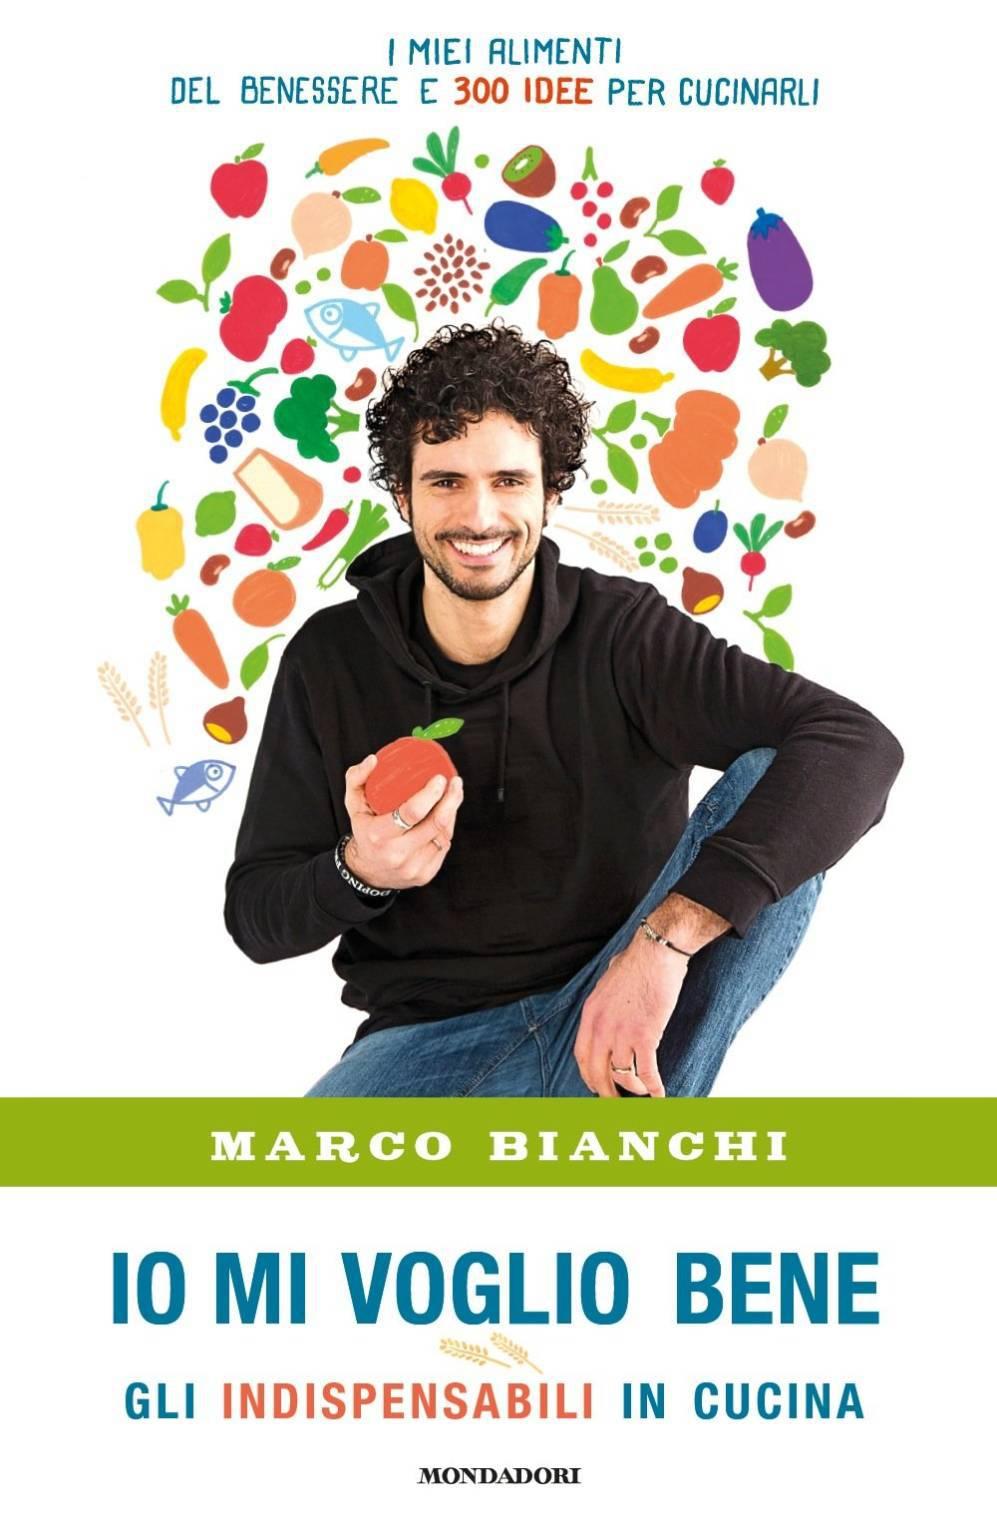 """Io mi voglio bene. Gli indispensabili in cucina: il libro di Marco Bianchi per mangiare """"buono e sano"""""""